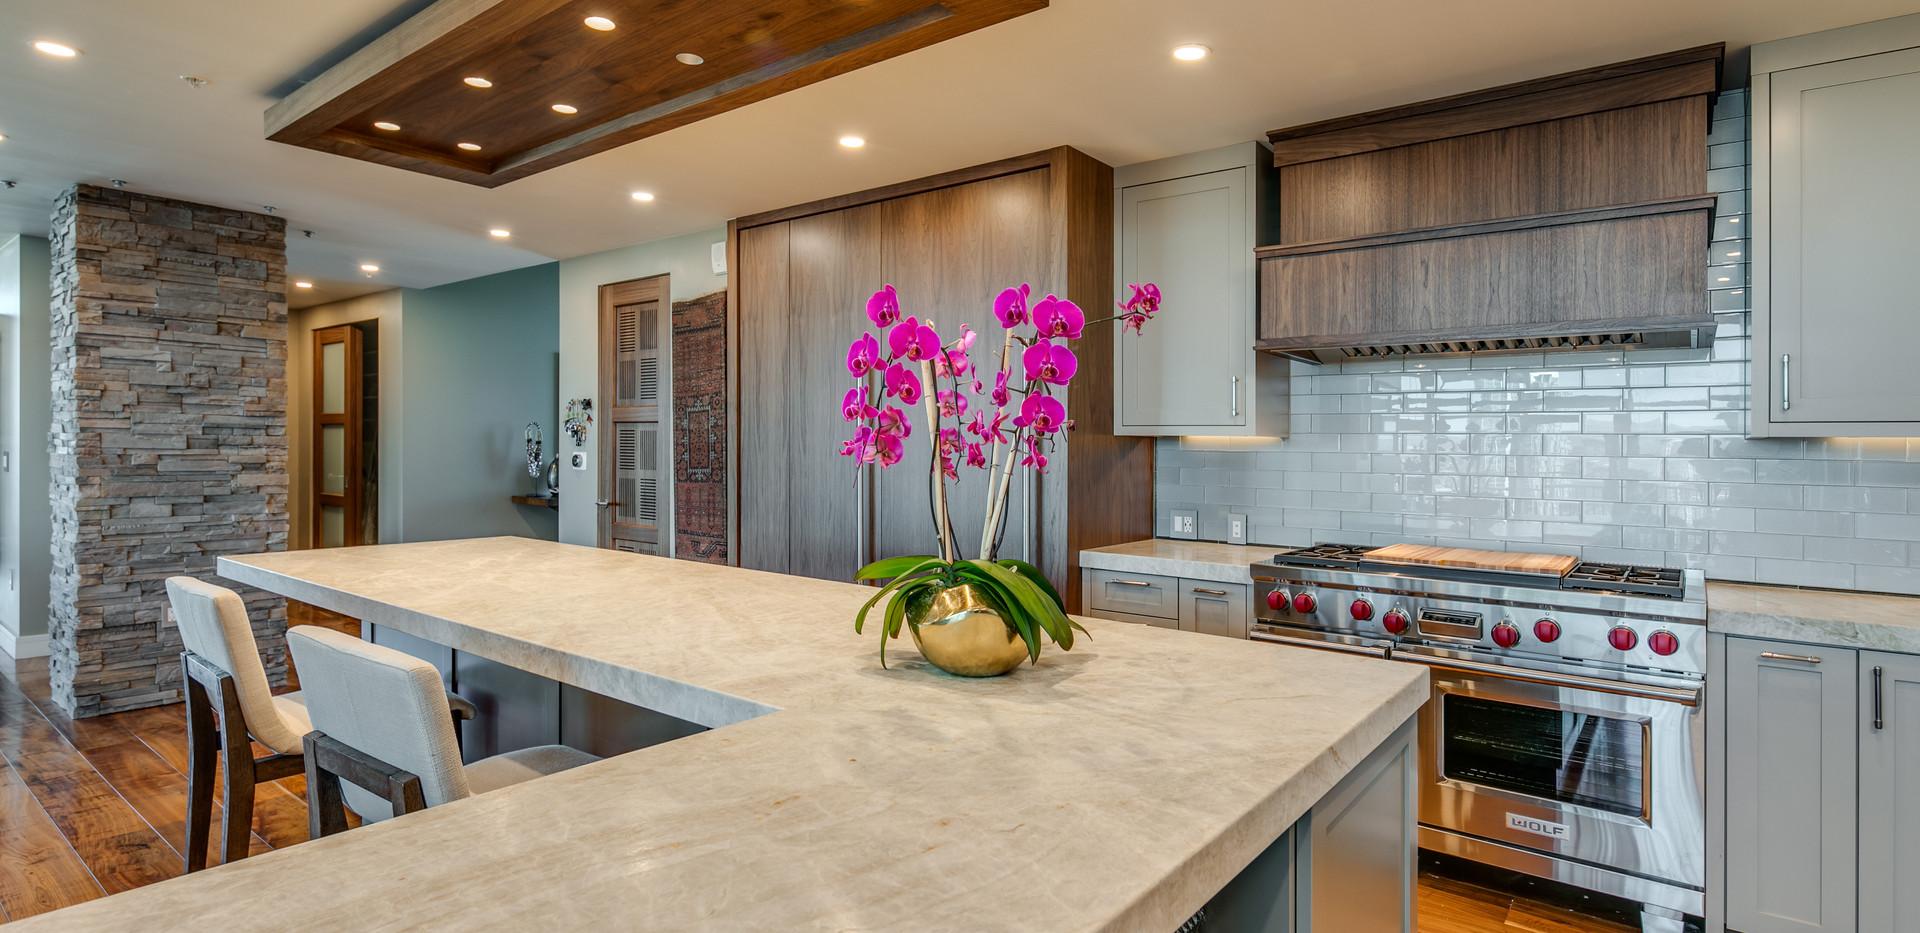 17-Kitchen Two-11.jpg